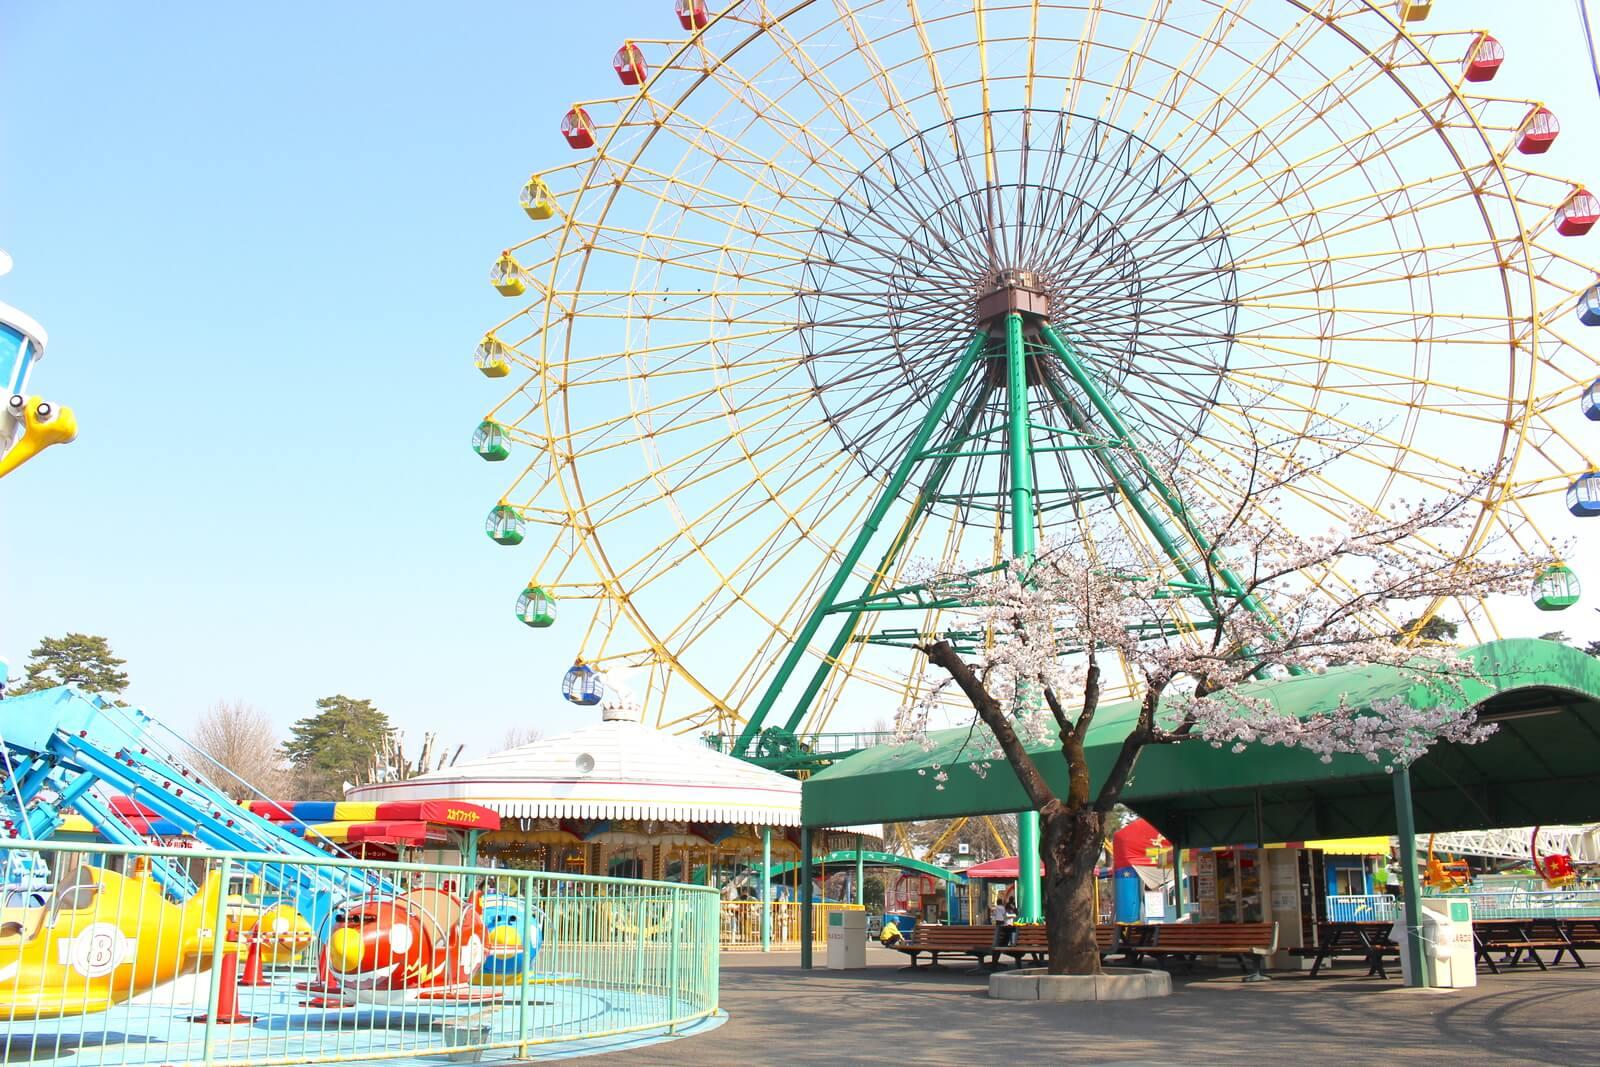 華蔵寺公園には遊園地もあるので桜を見ながら子供と一緒に遊べます